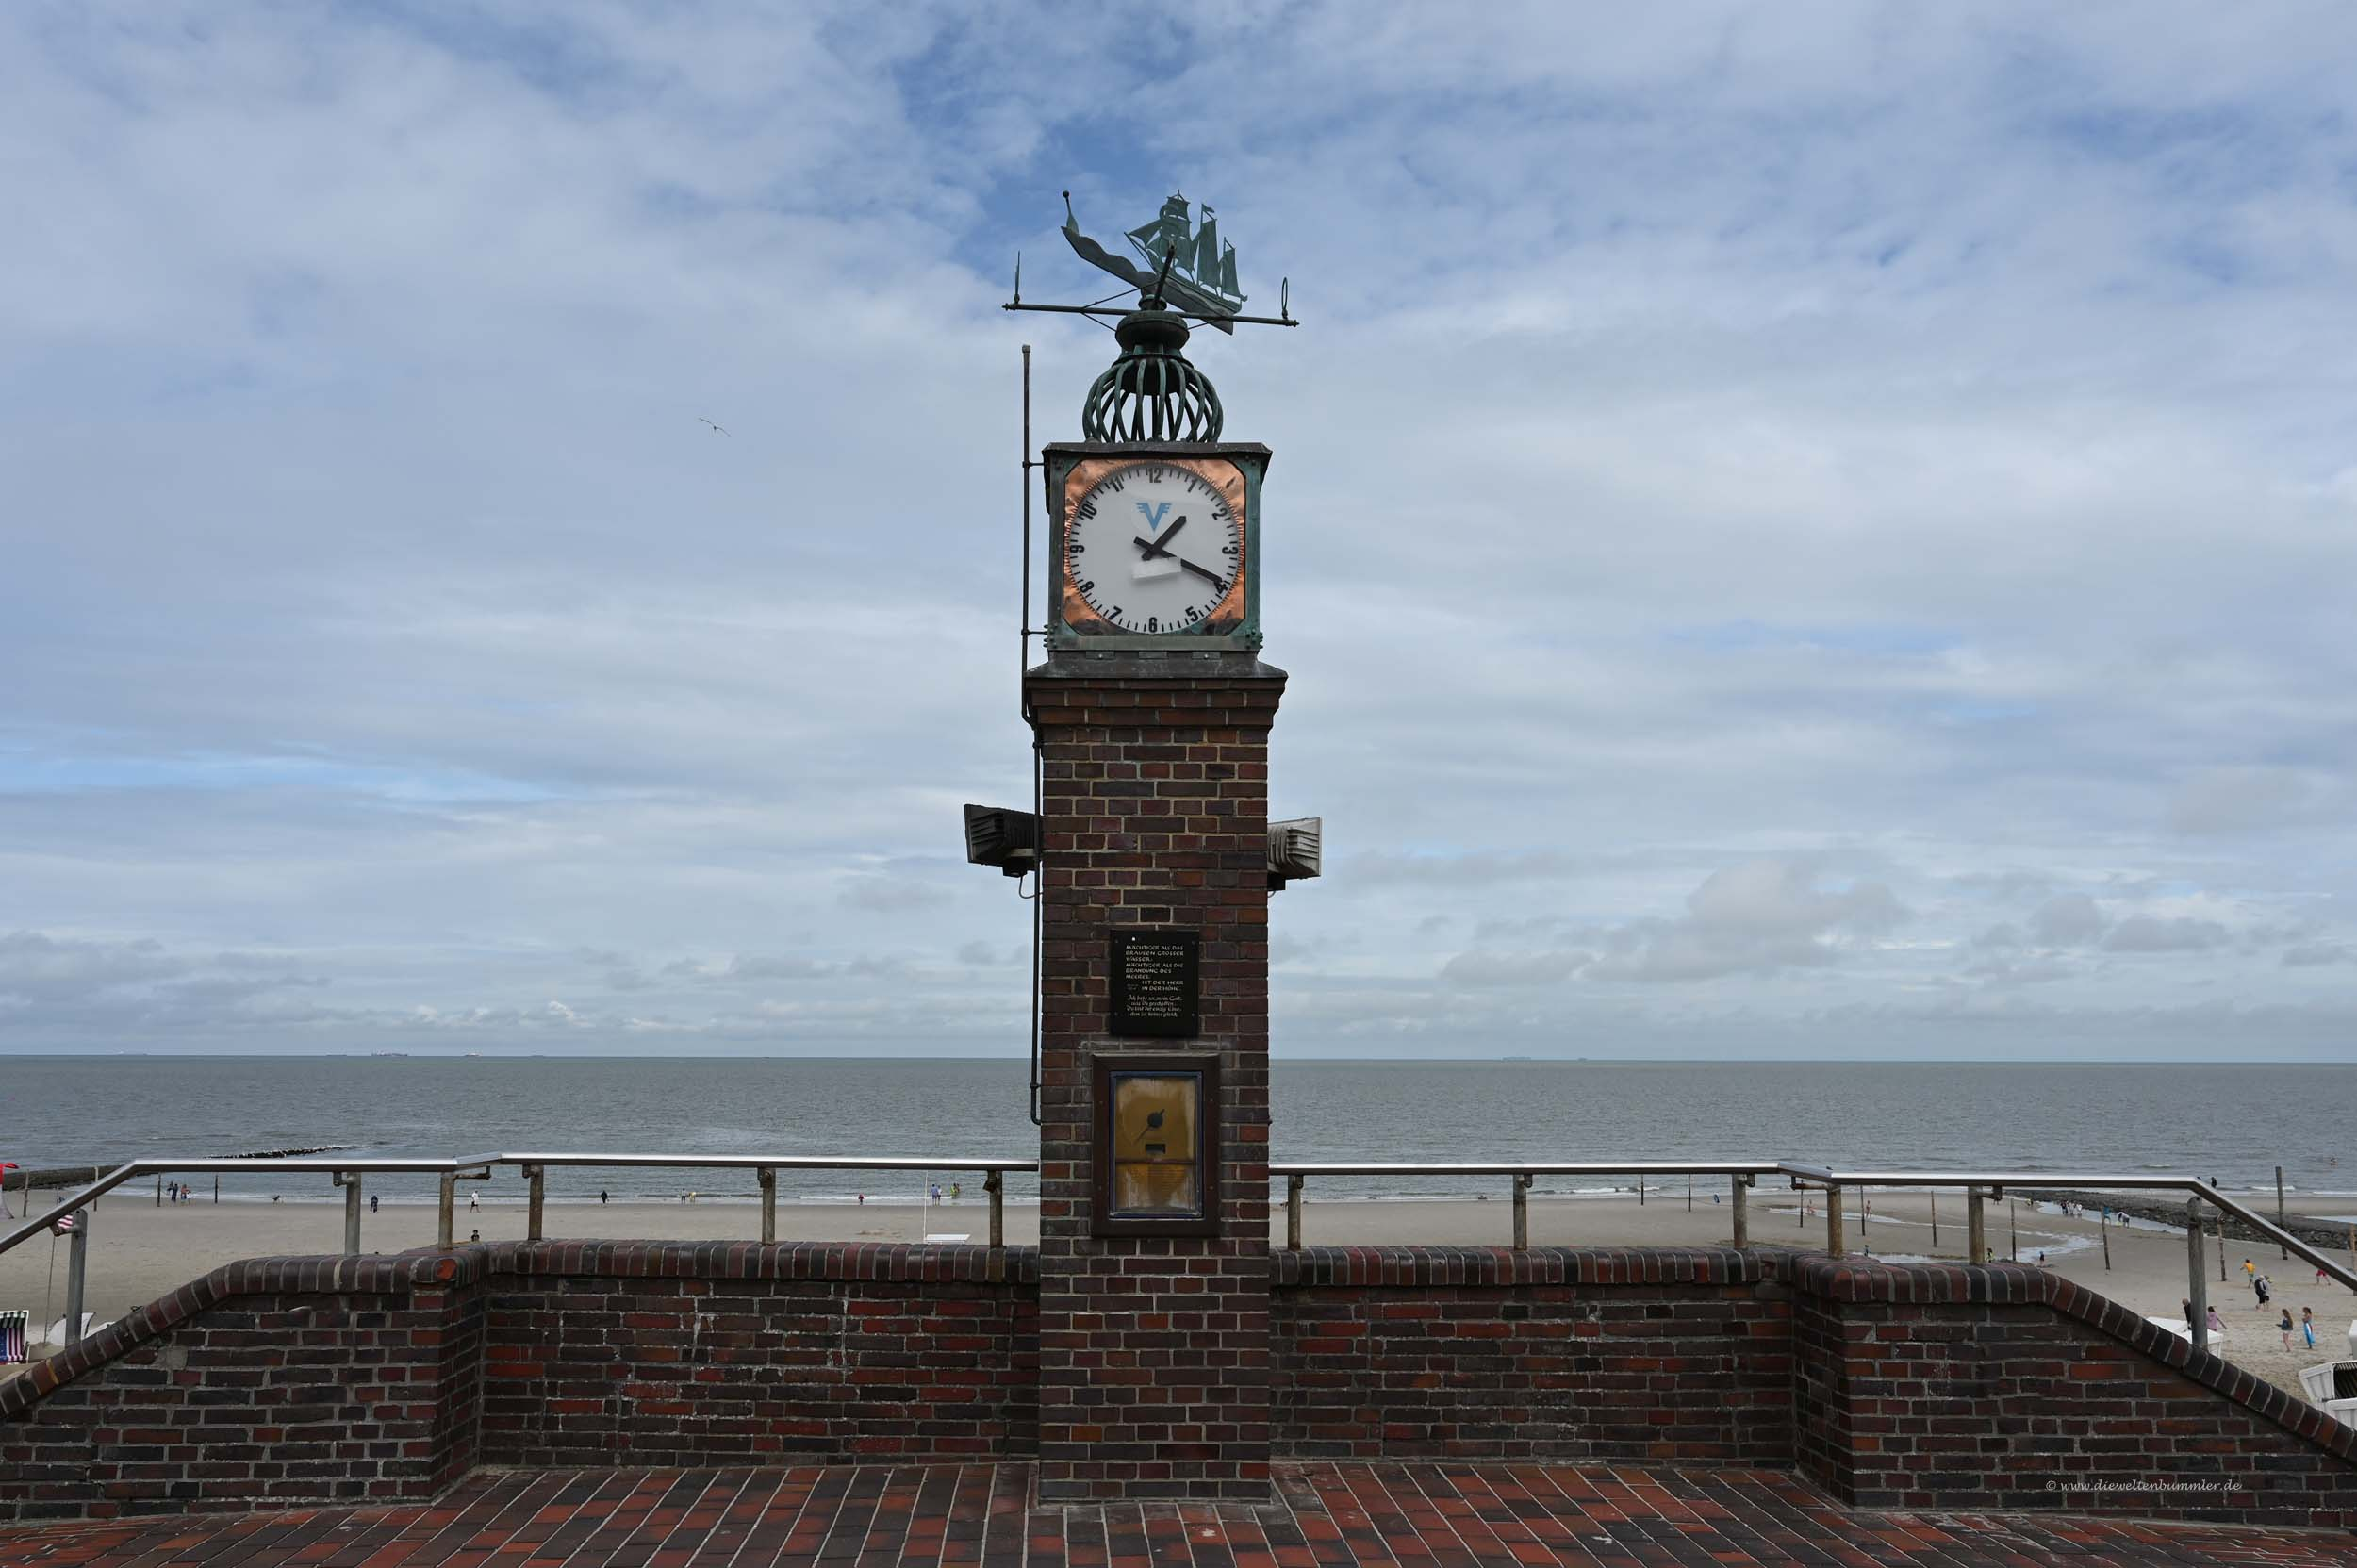 Uhr in Wangerooge